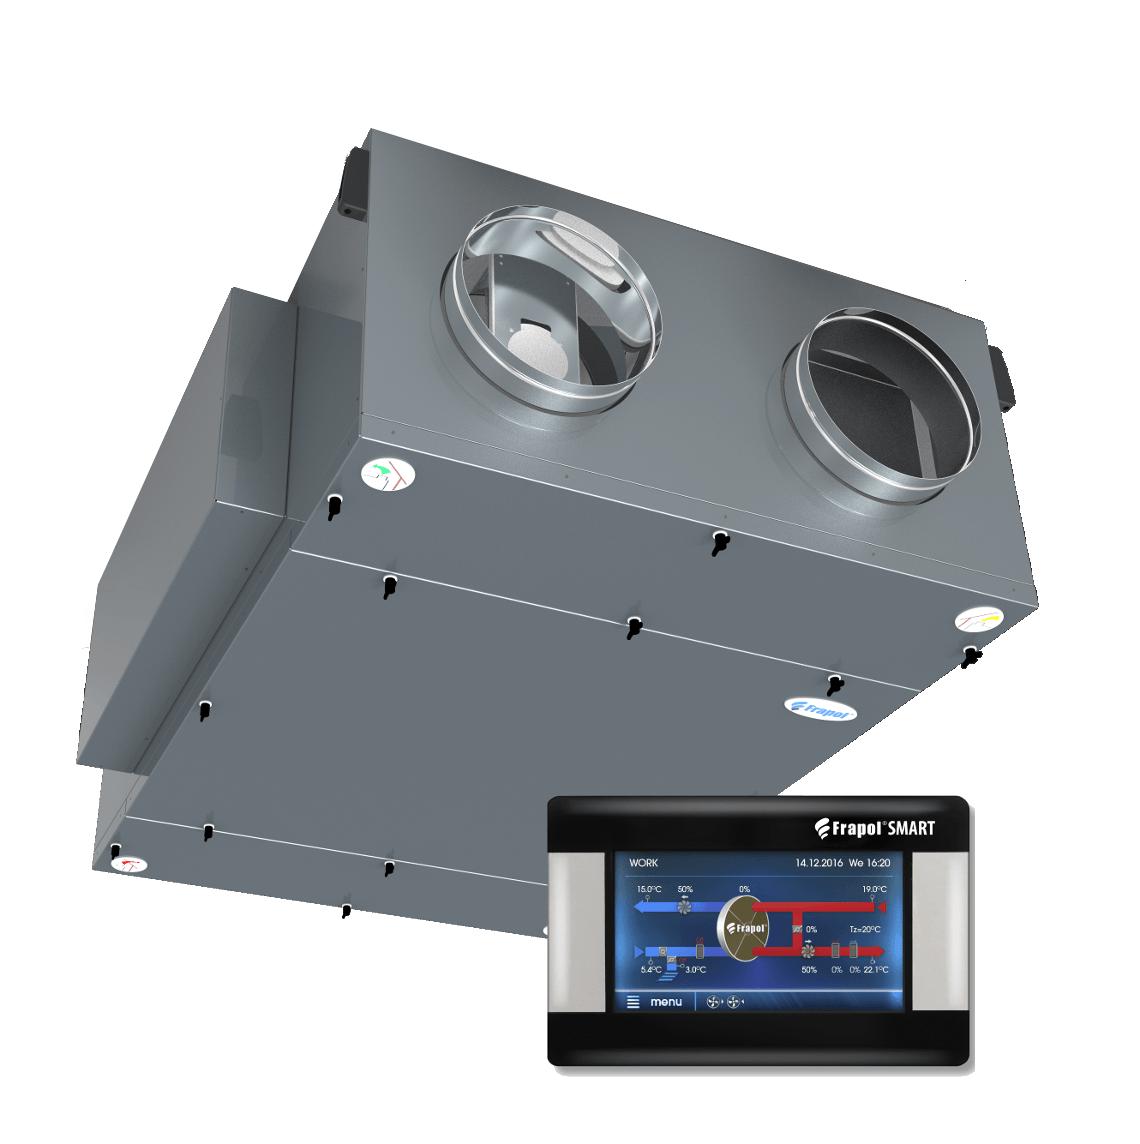 Onyx Premium 650-NET